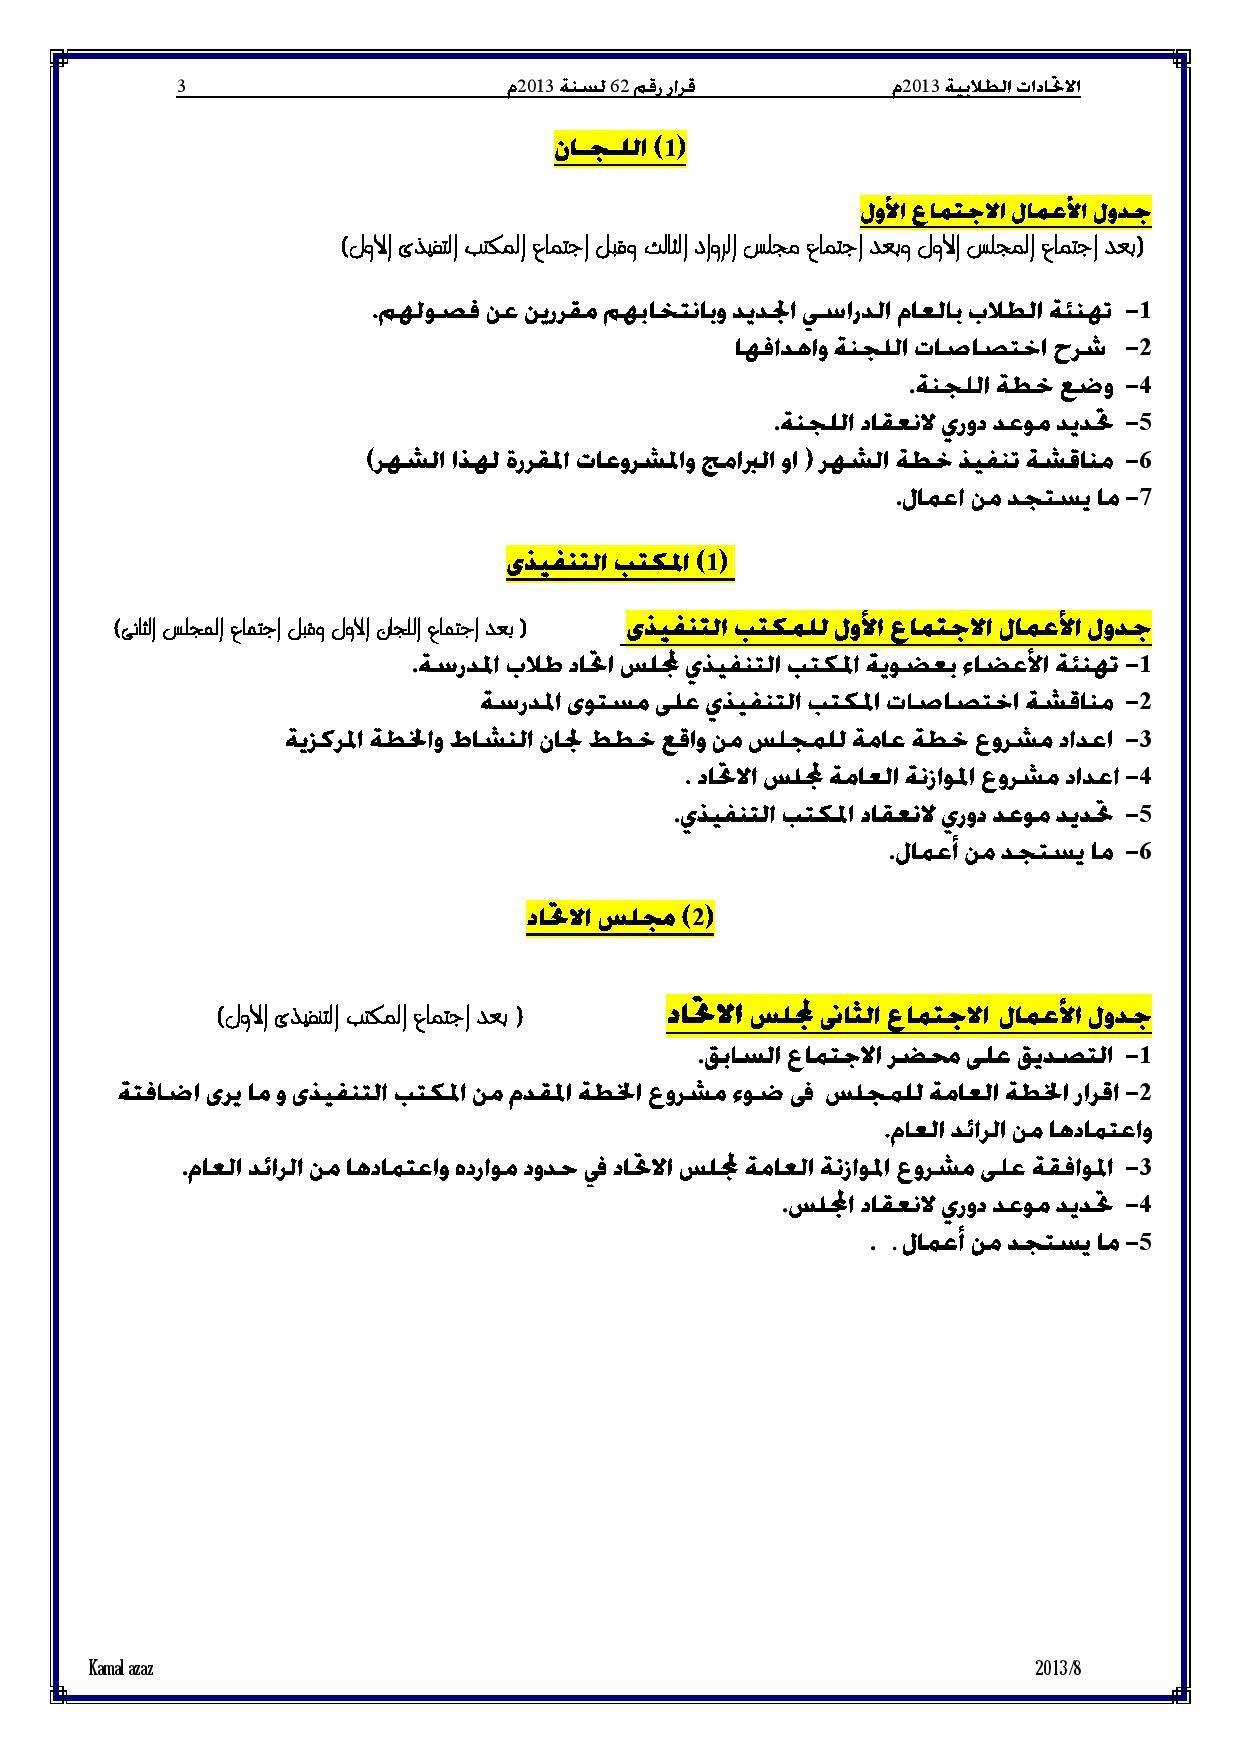 نماذج سجلات الاخصائى الاجتماعى الصفحة 48 بوابة الثانوية العامة